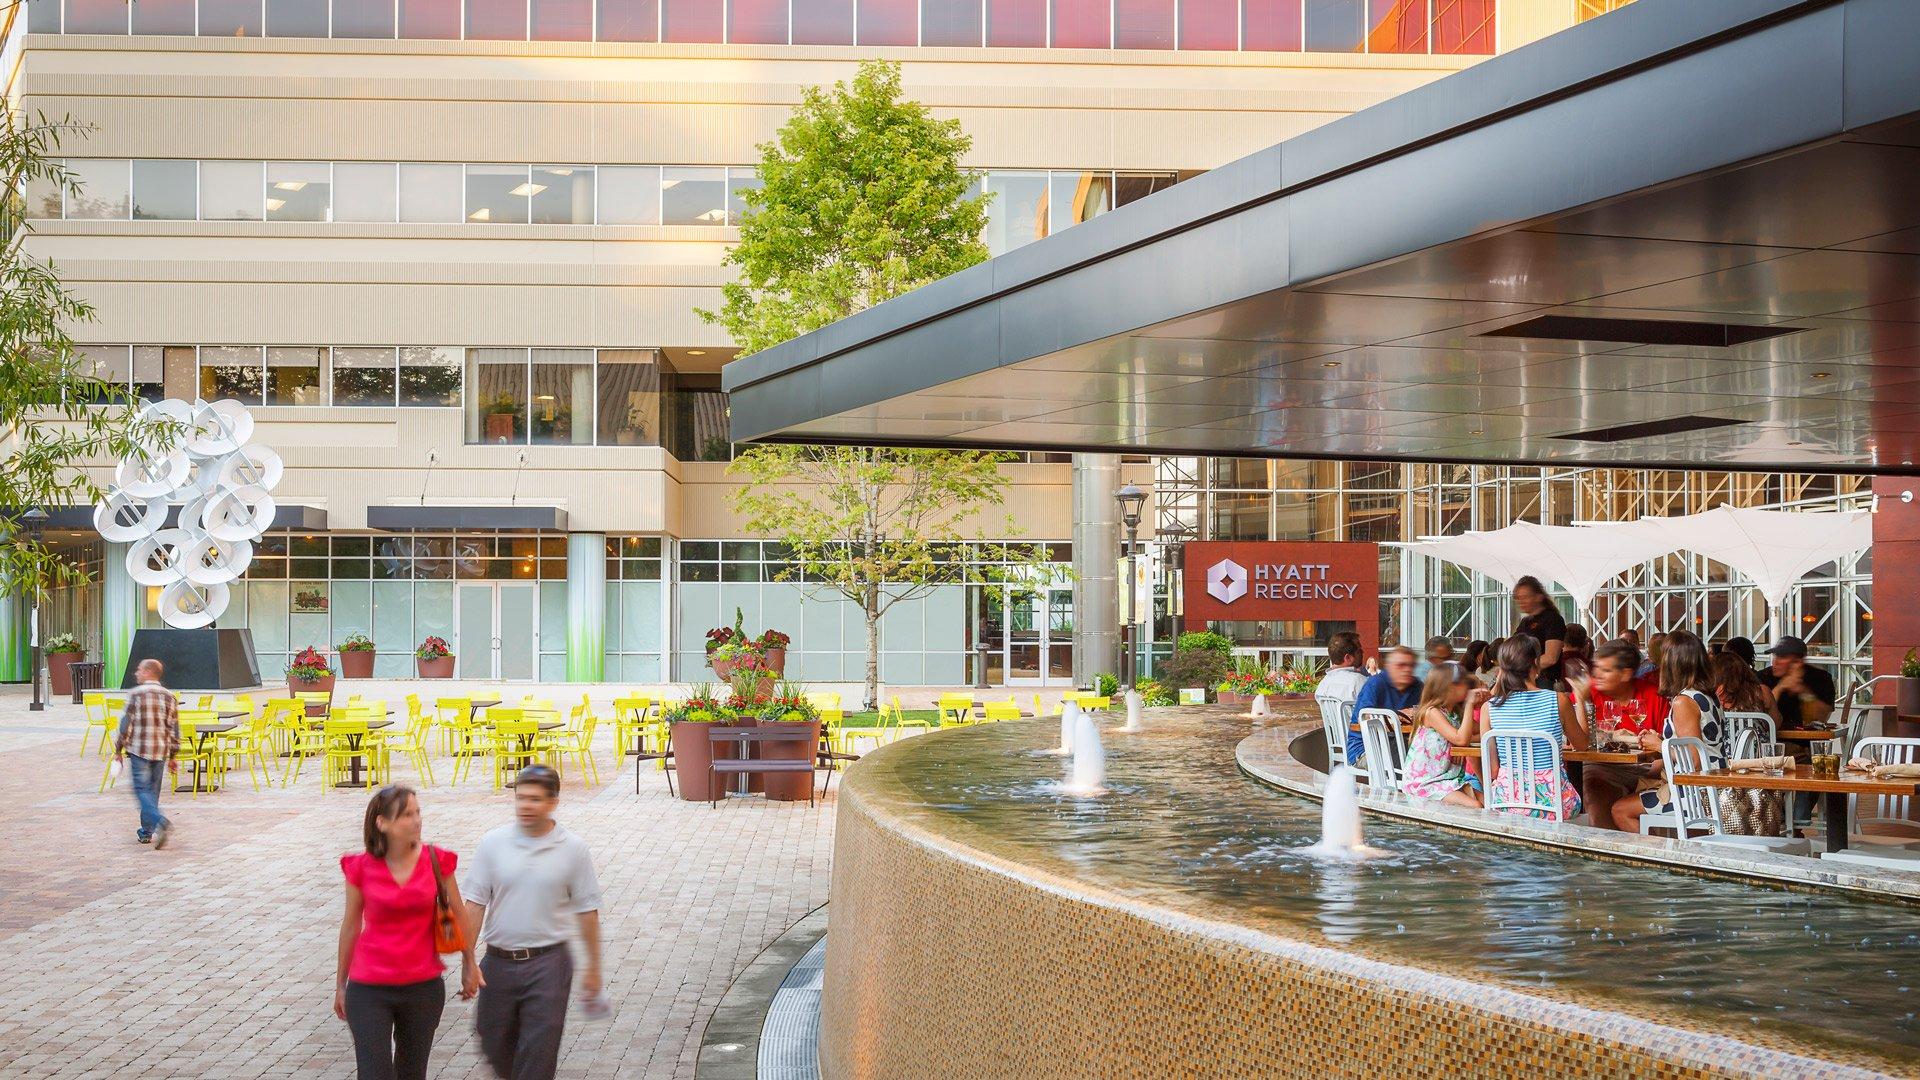 Hyatt Regency Greenville, Public Space